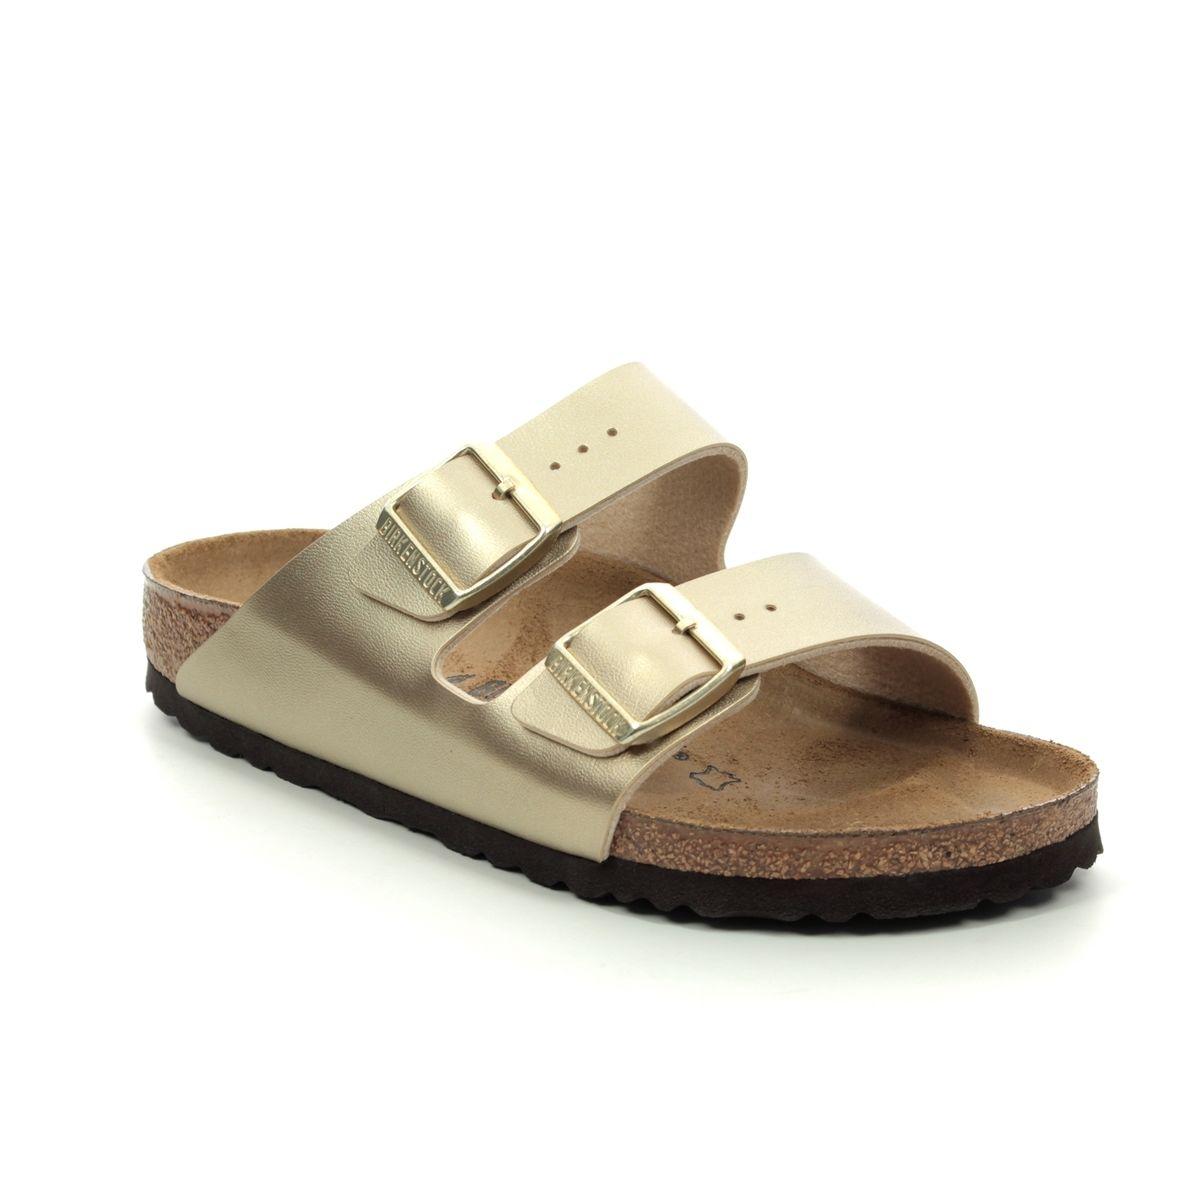 Birkenstock Arizona Ladies 1016111 Gold Slide Sandals